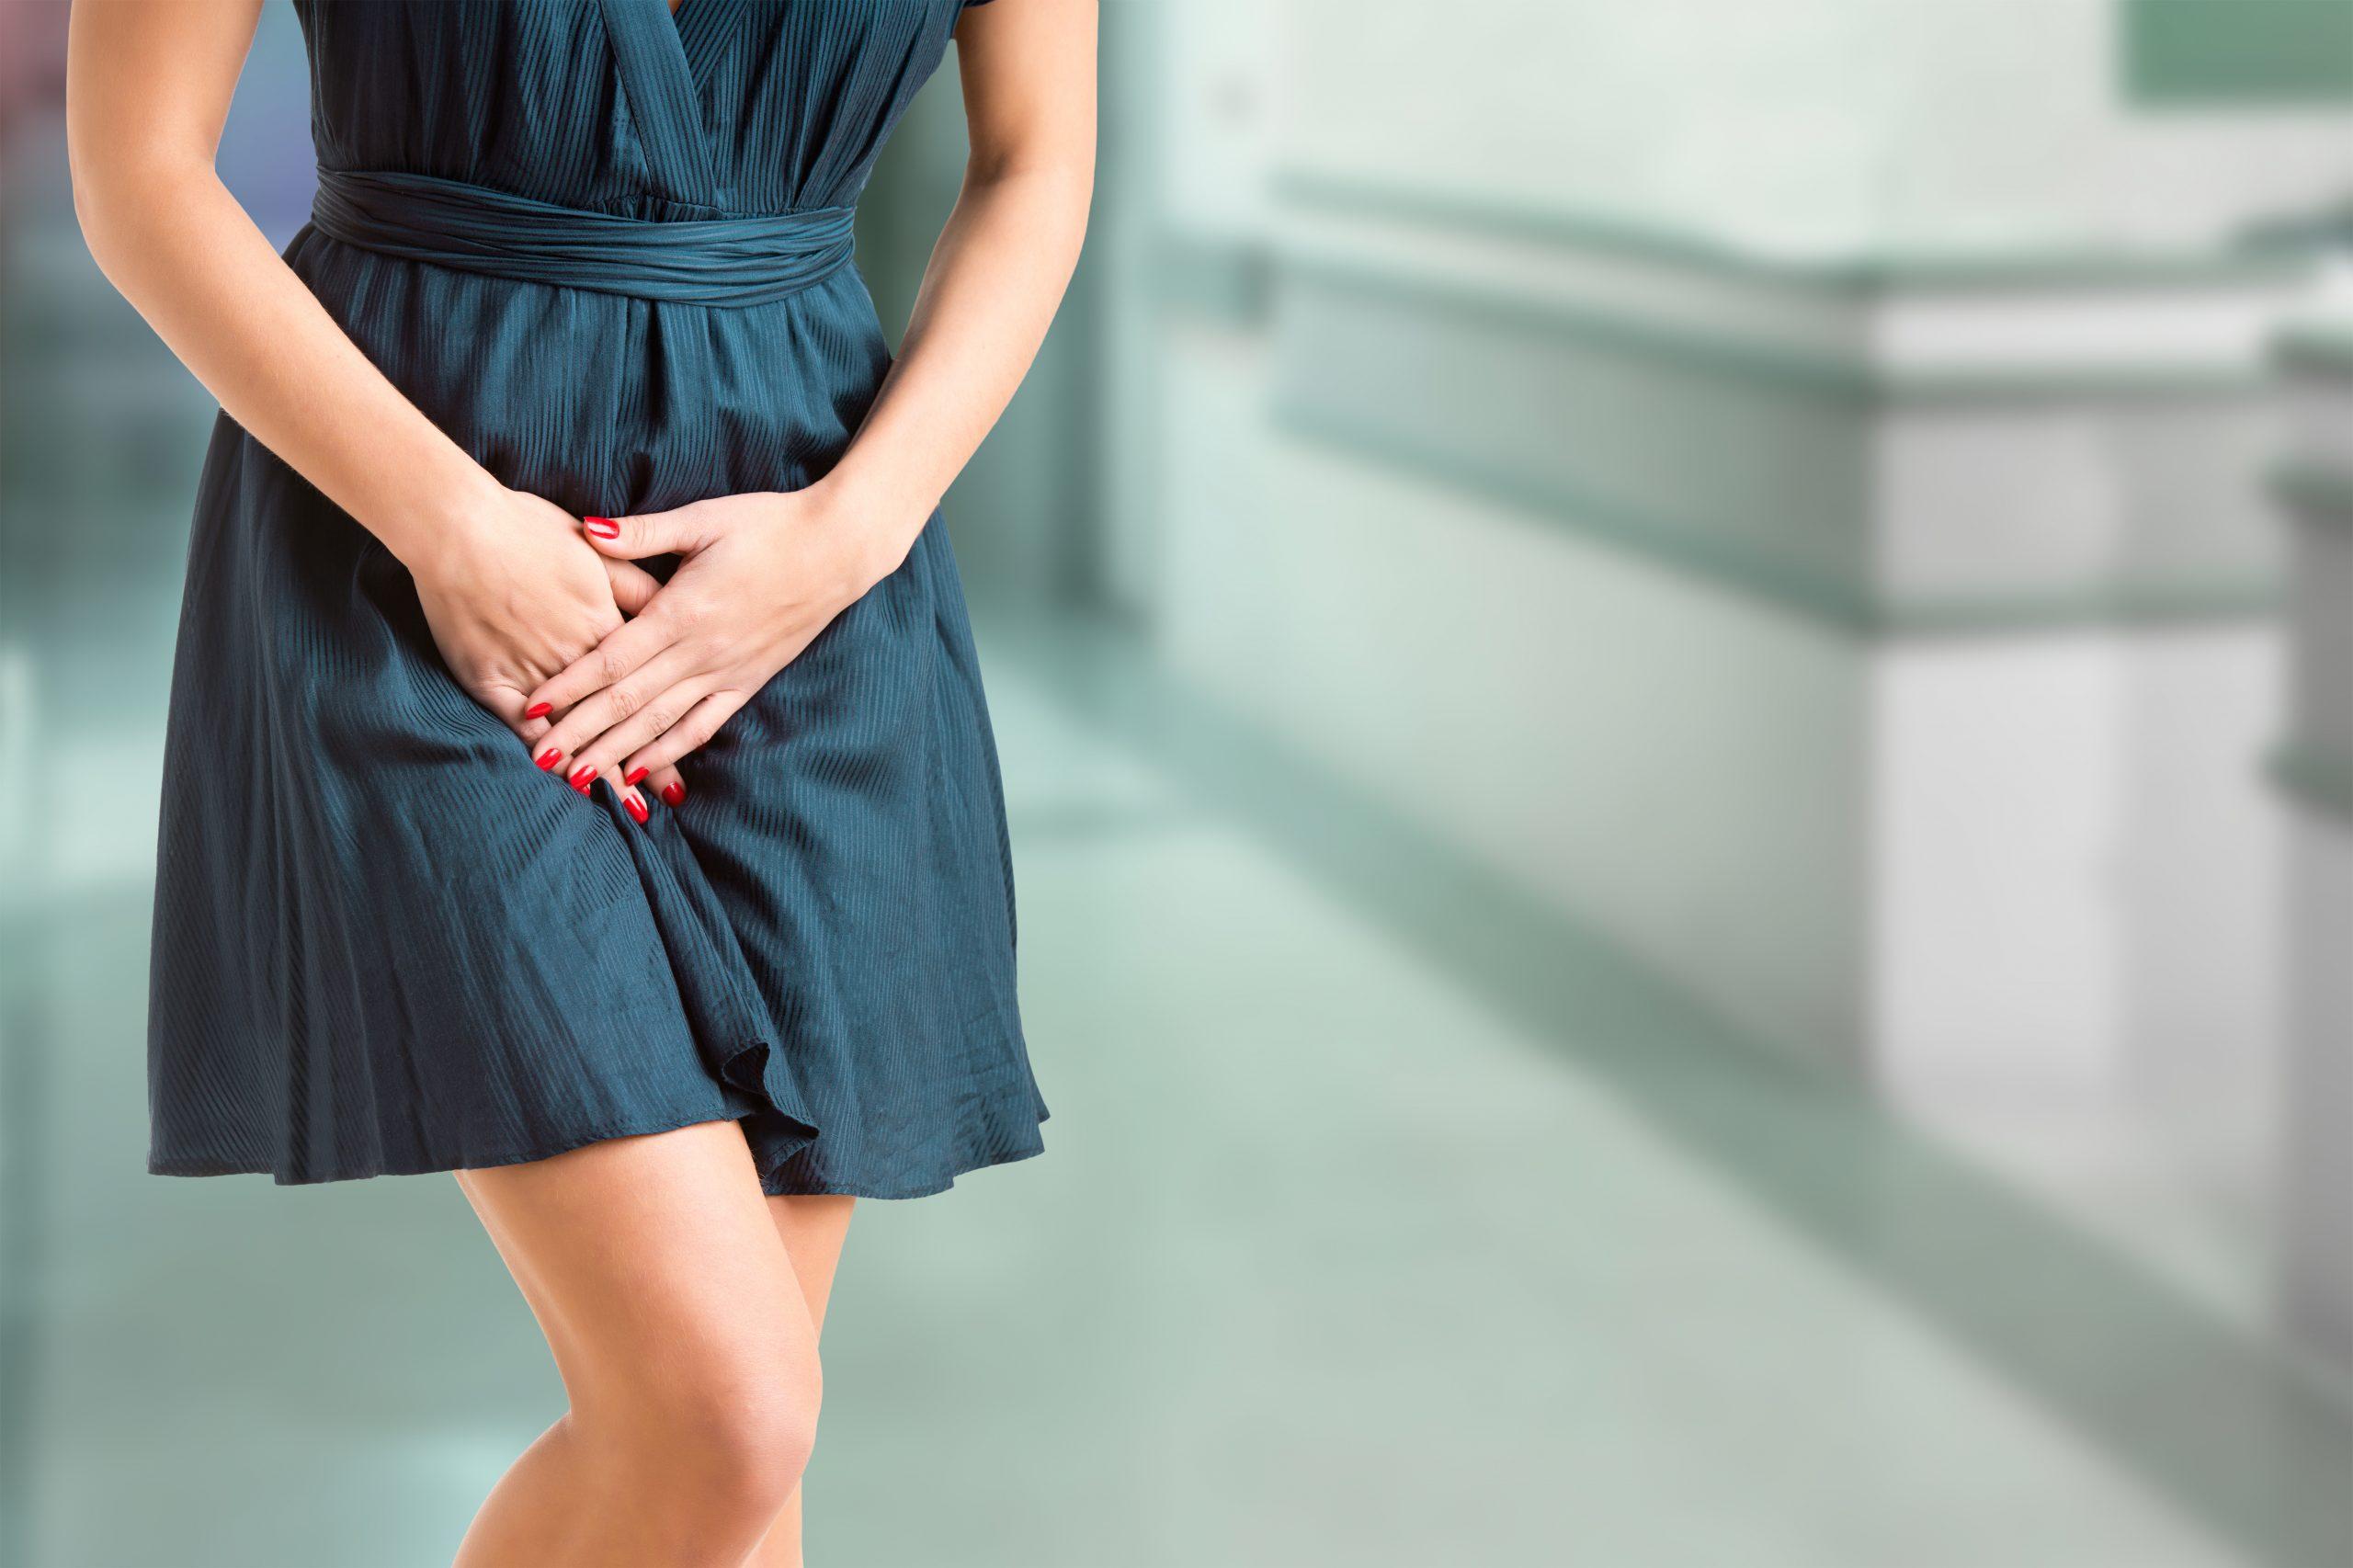 Kobieta cierpiąca na zapalenie cewki moczowej